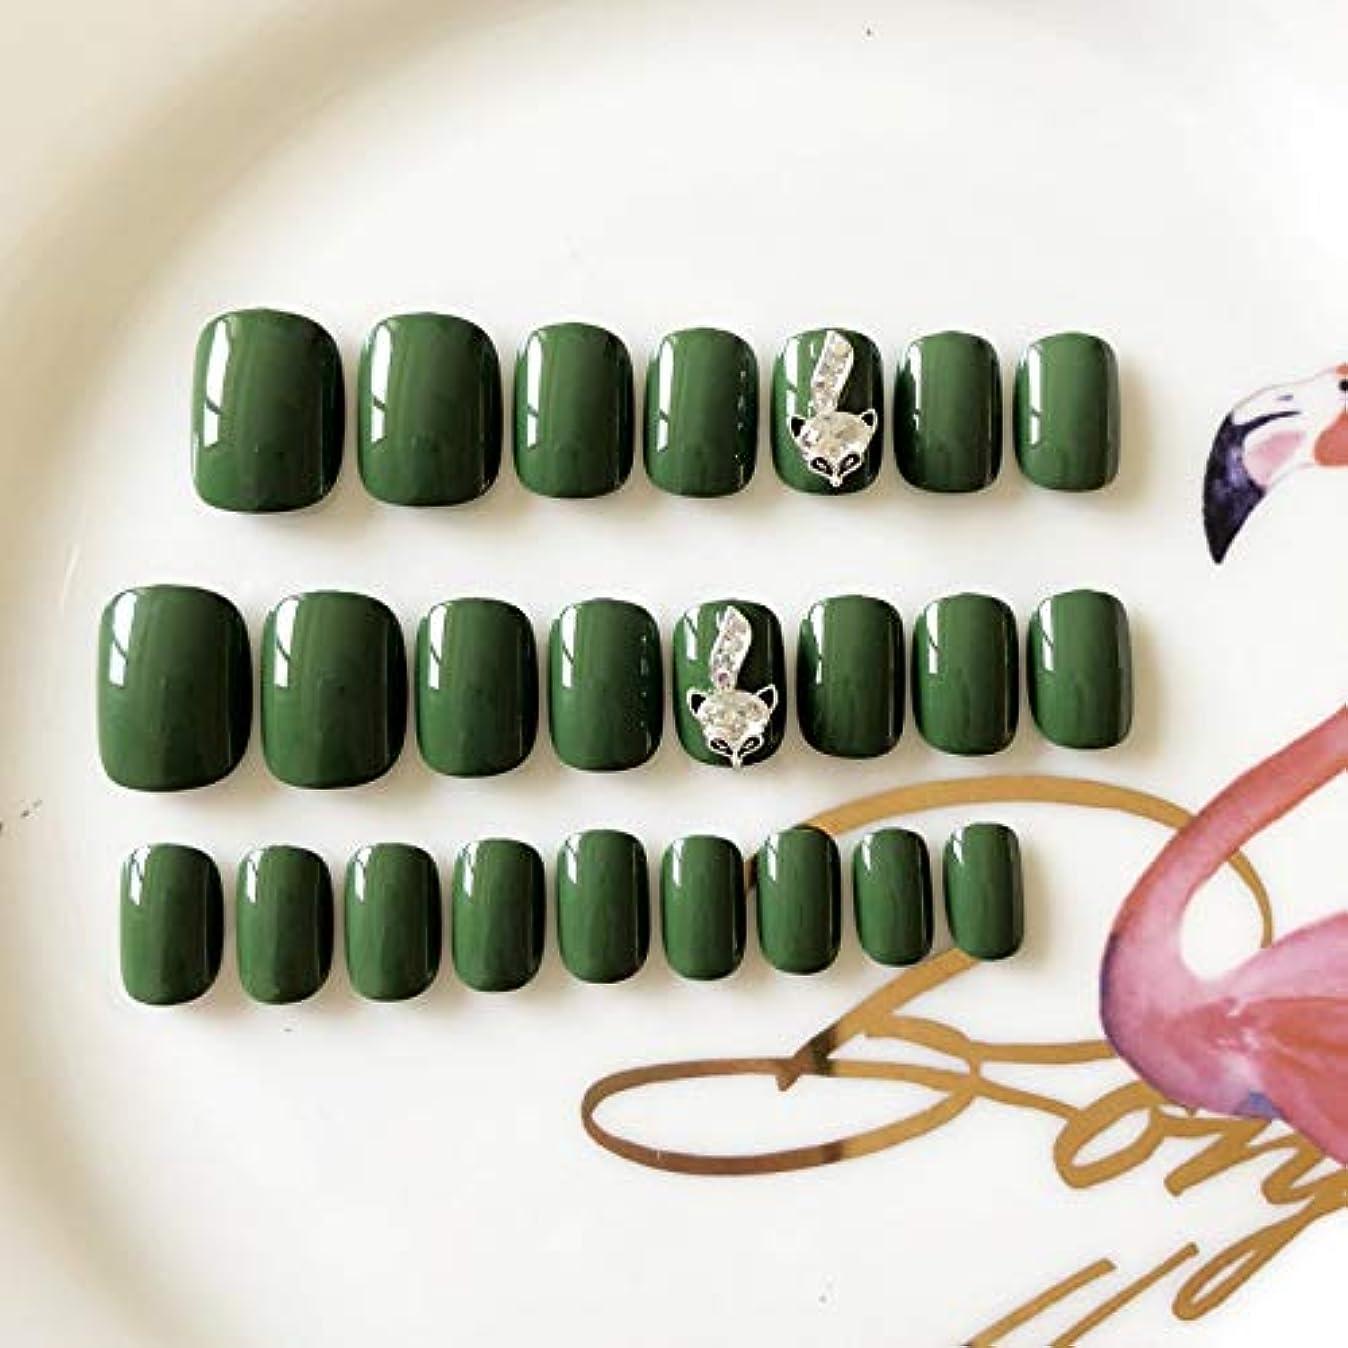 受ける代わりのタブレットAFAEF HOME 24pcs夏の人工偽爪ダークグリーンスクエアアクリルフルカバーミディアムロングフェイクネイルのヒント